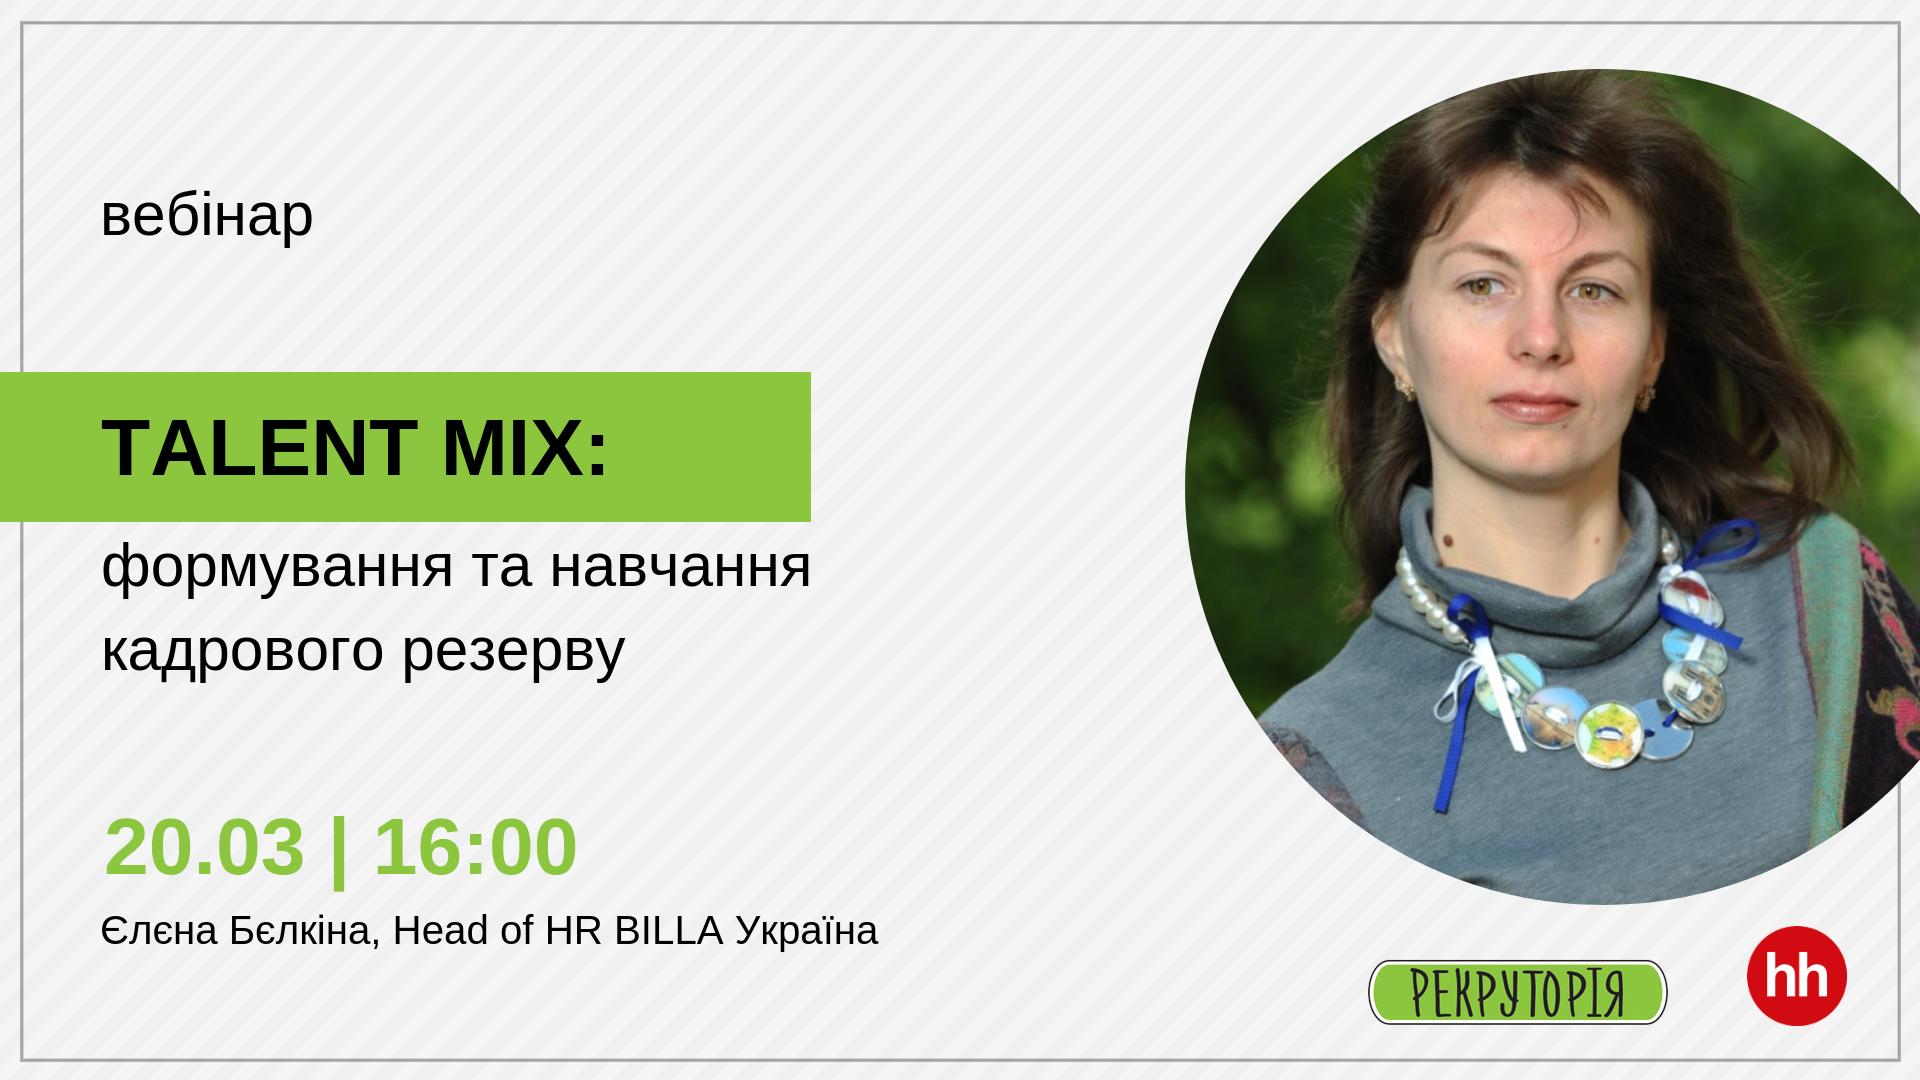 Вебінар «Talent Mix: Формування та навчання кадрового резерву» – 20.03.2019